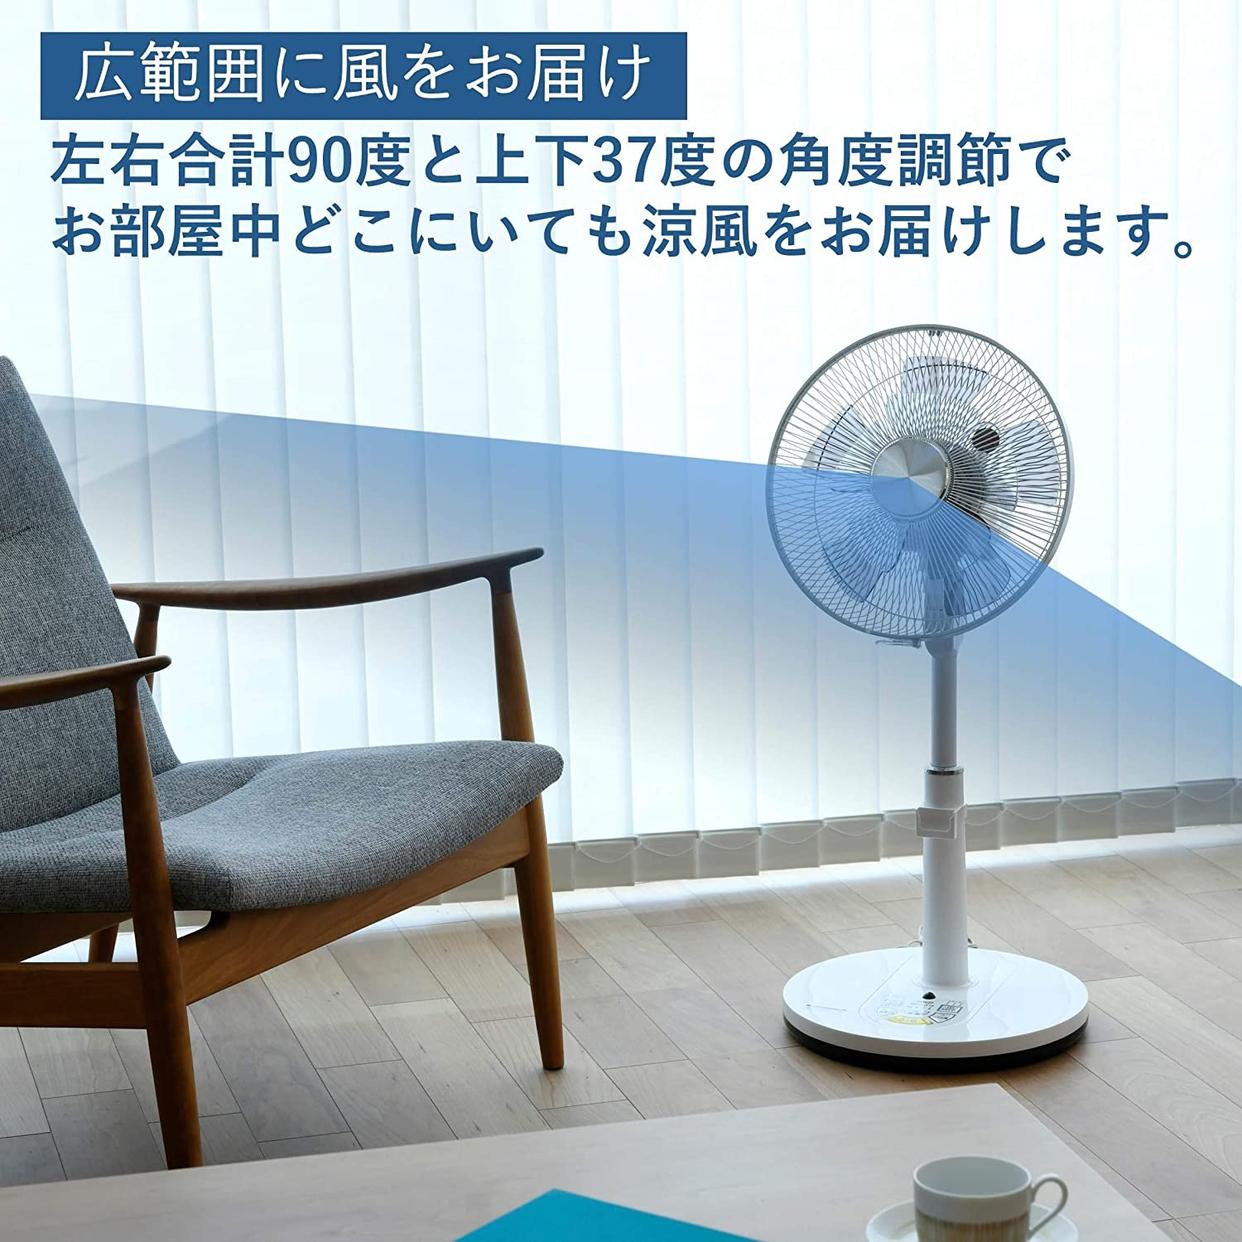 山善(YAMAZEN) リビング扇風機 YLX-ED301の商品画像6